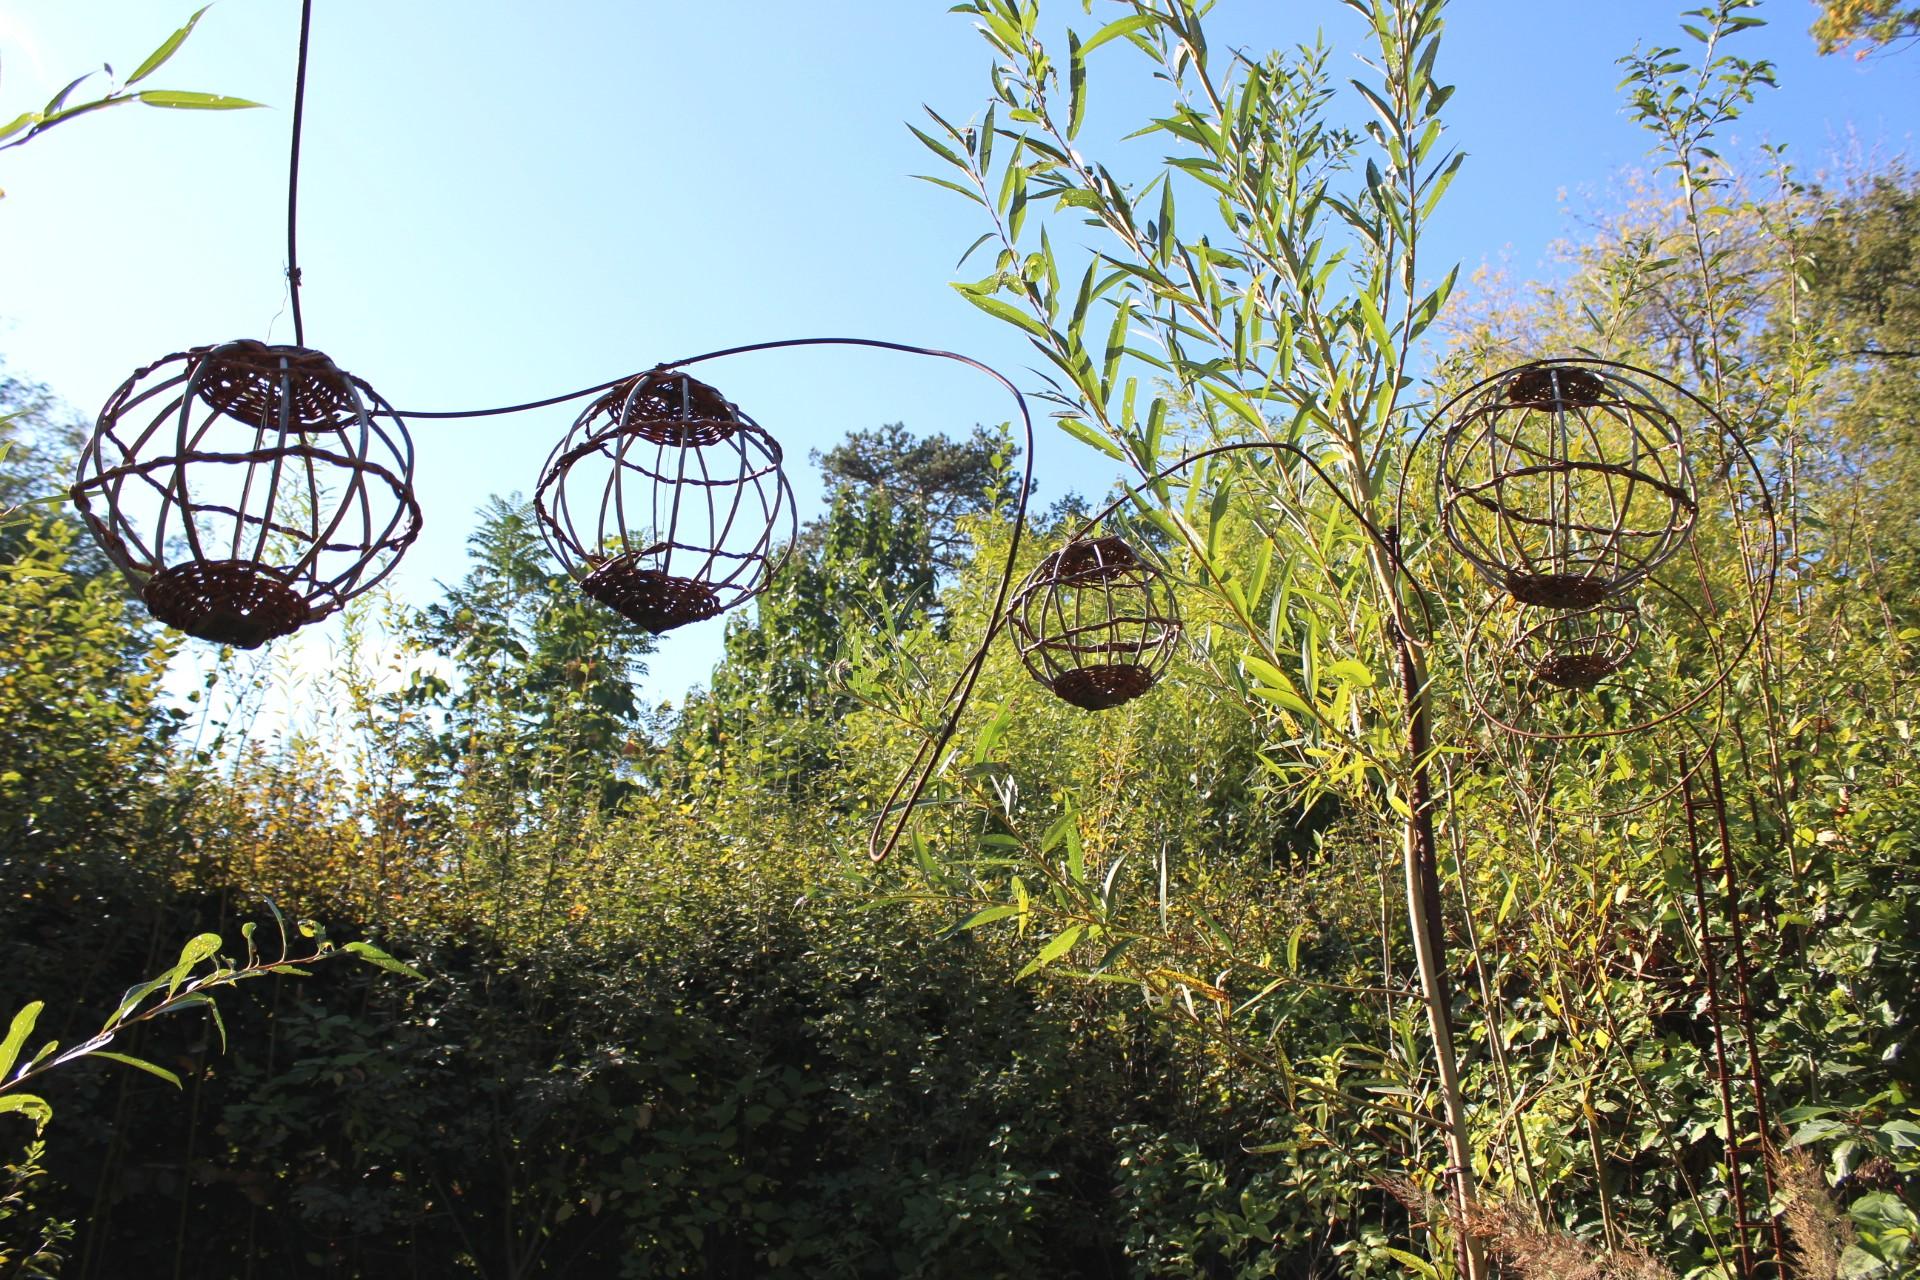 Festival International des Jardins - Chaumont sur Loire